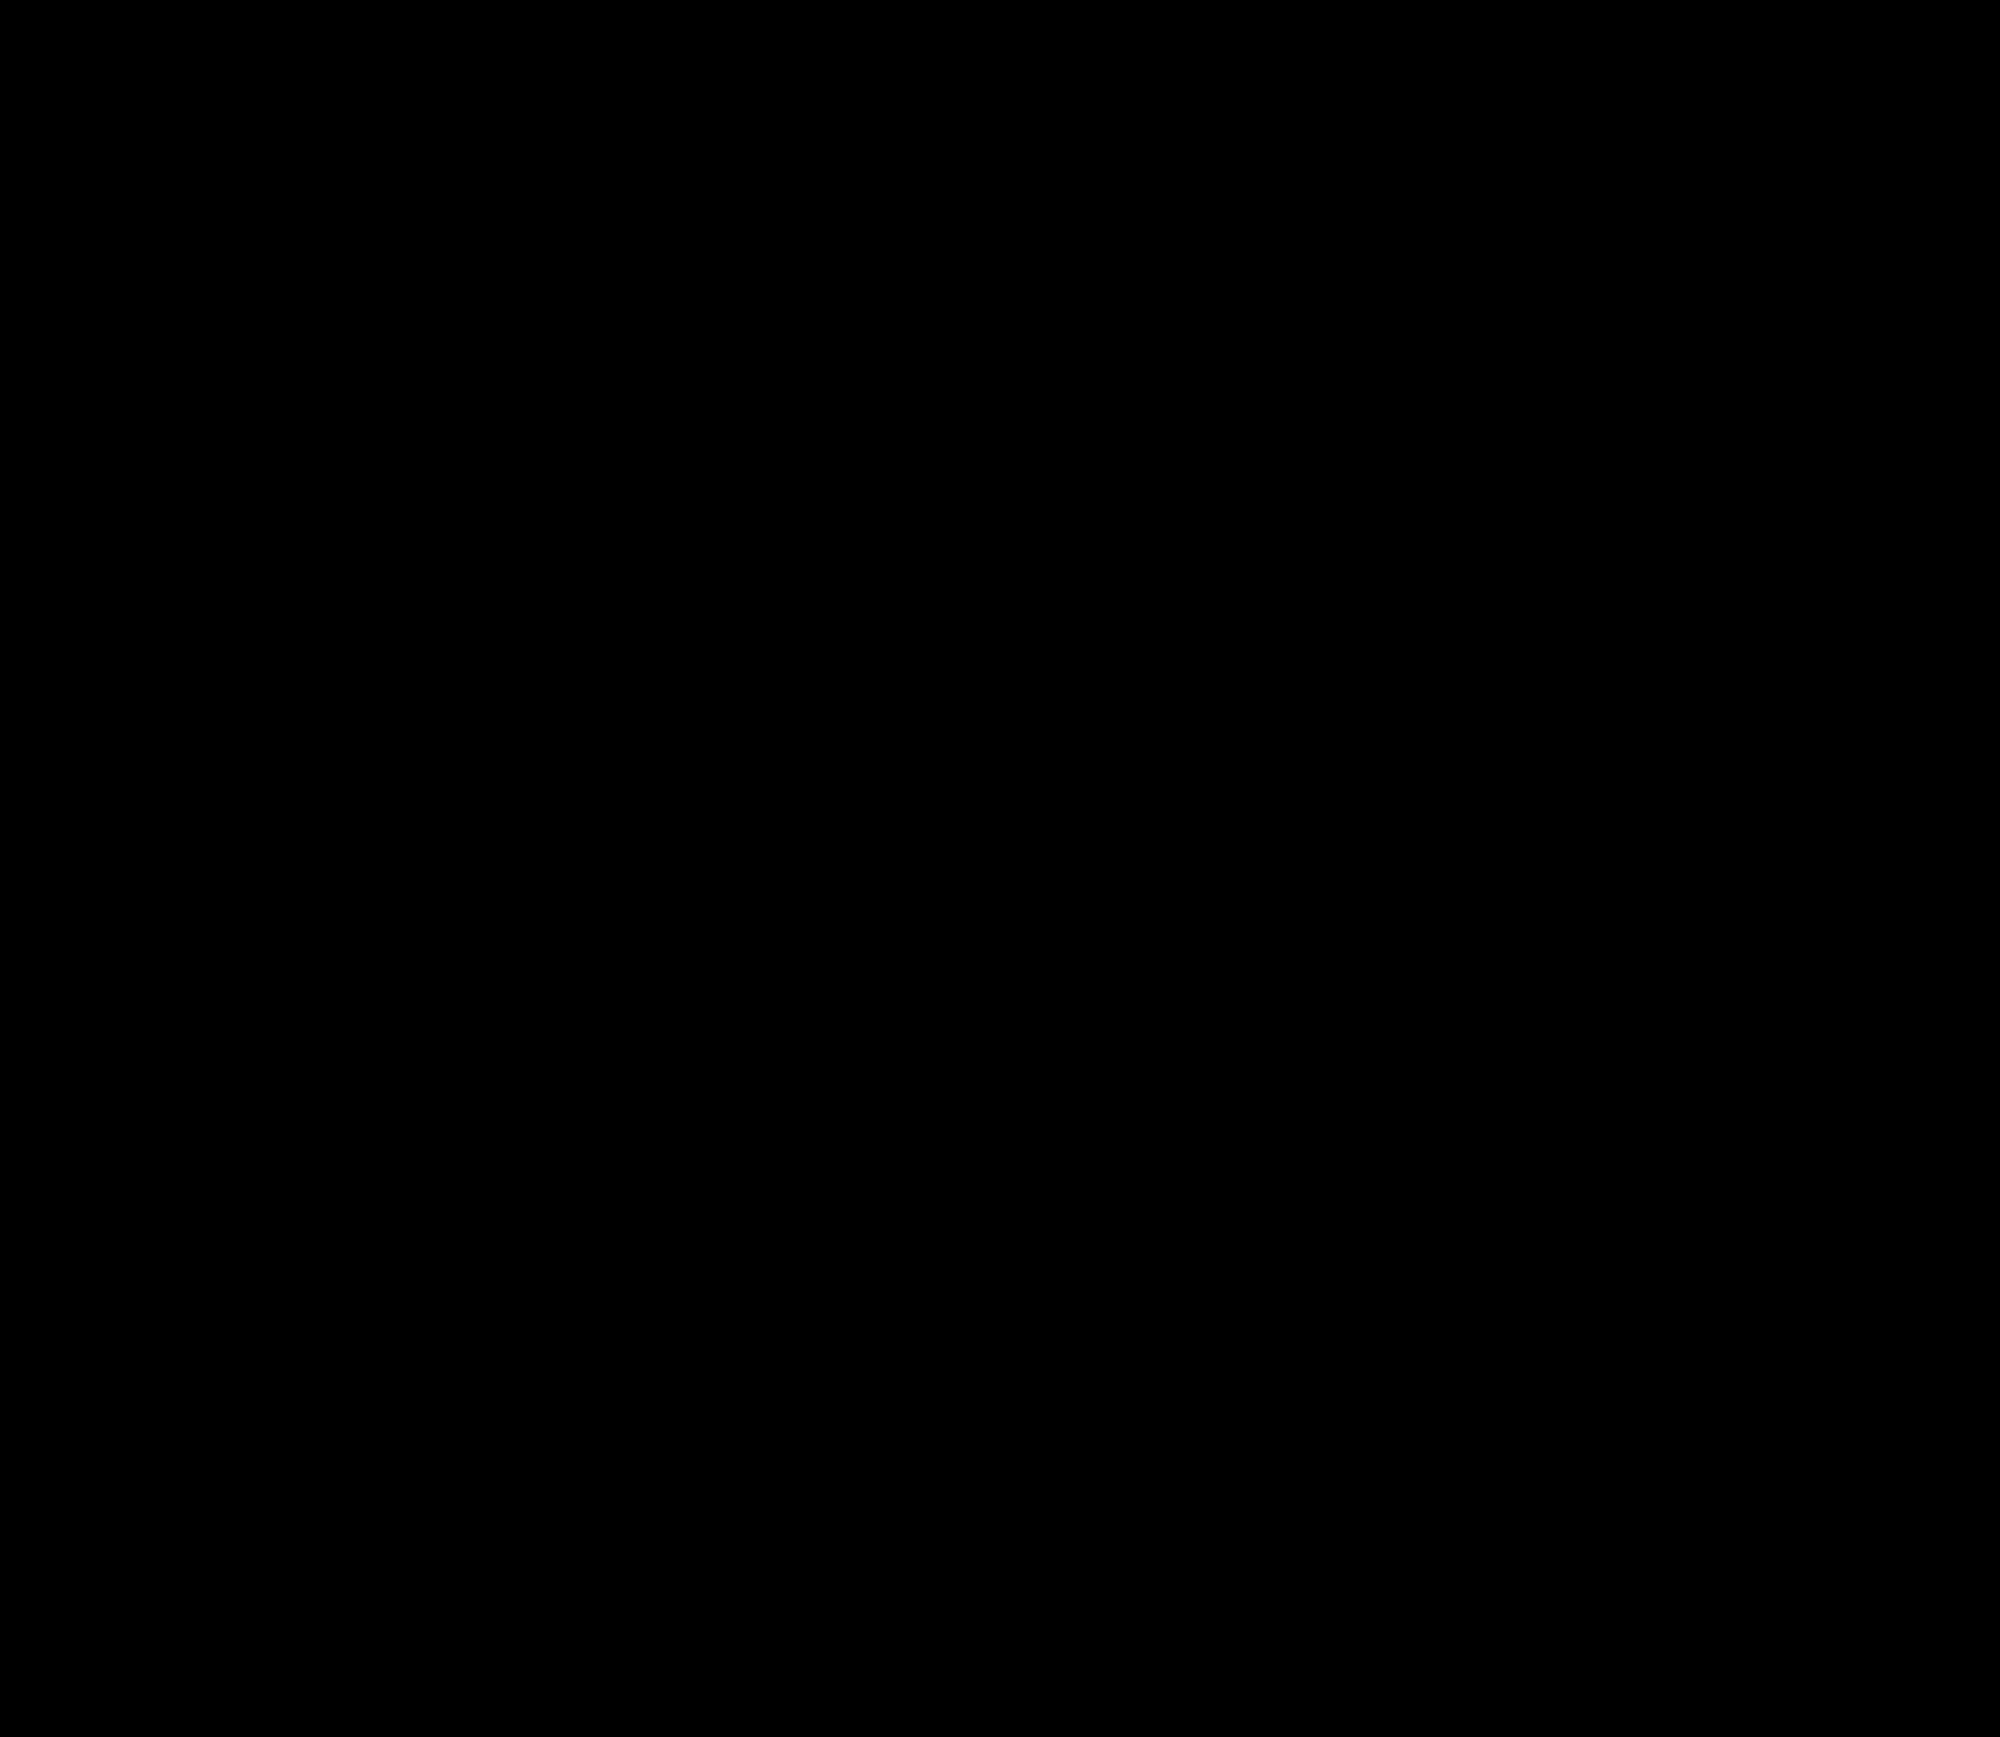 Pashmina.com